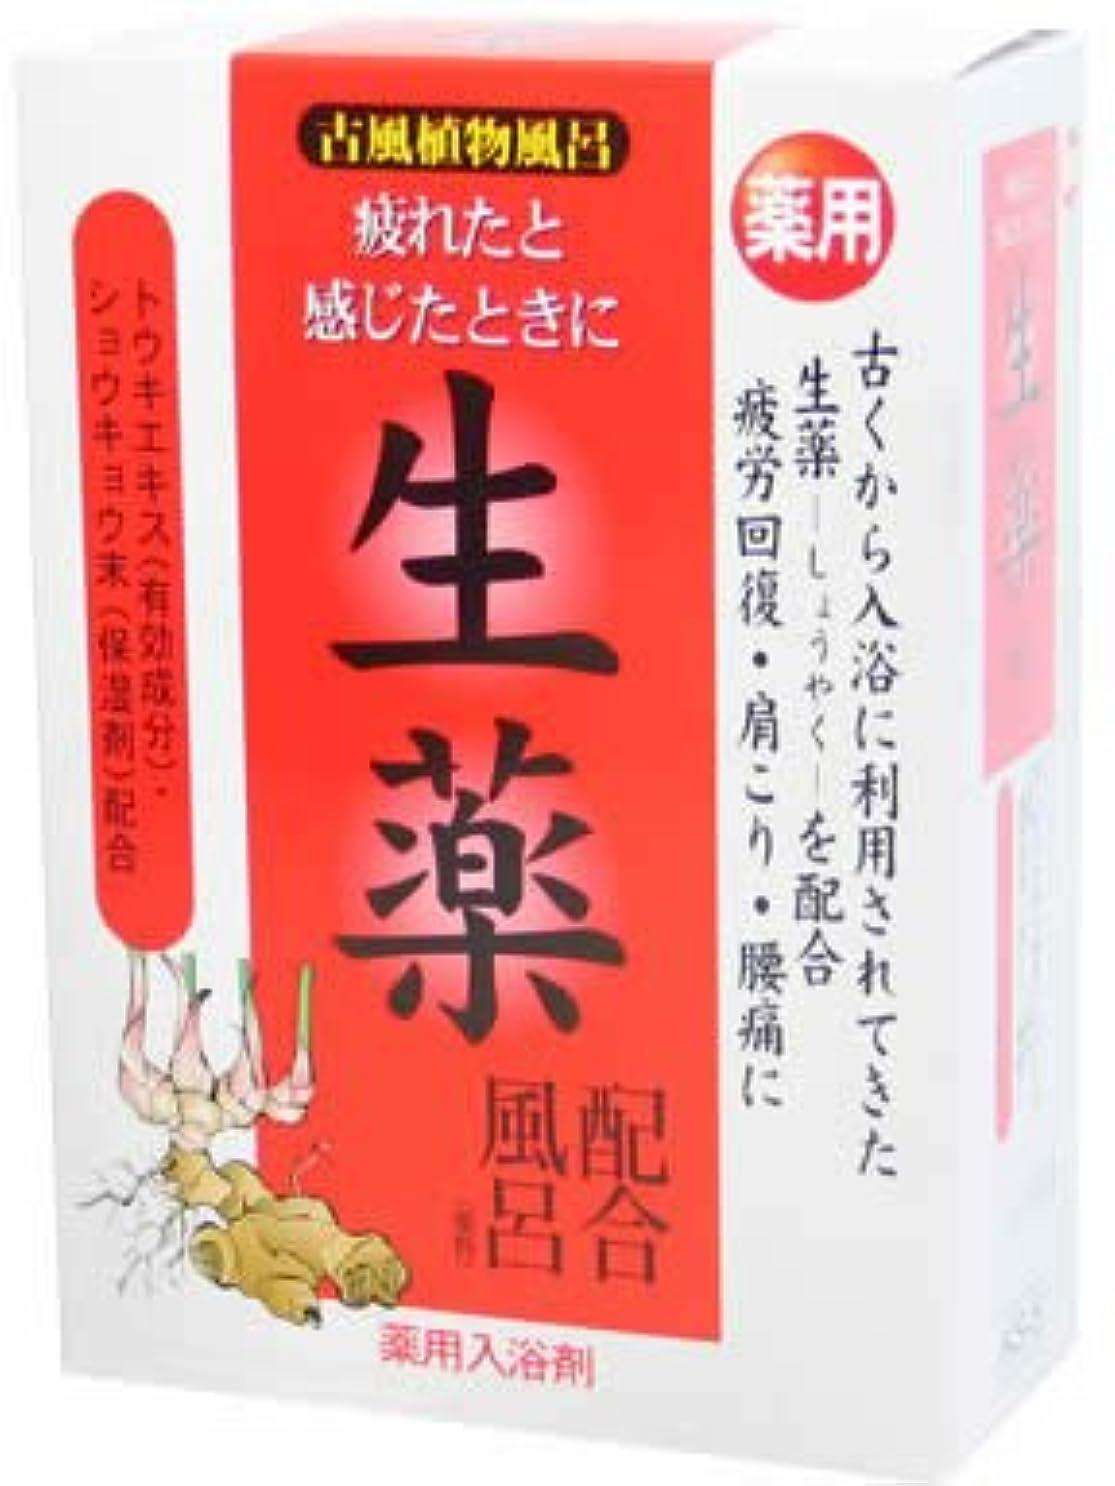 強要追跡中央古風植物風呂 生薬配合風呂 25g×5包(入浴剤) [医薬部外品]